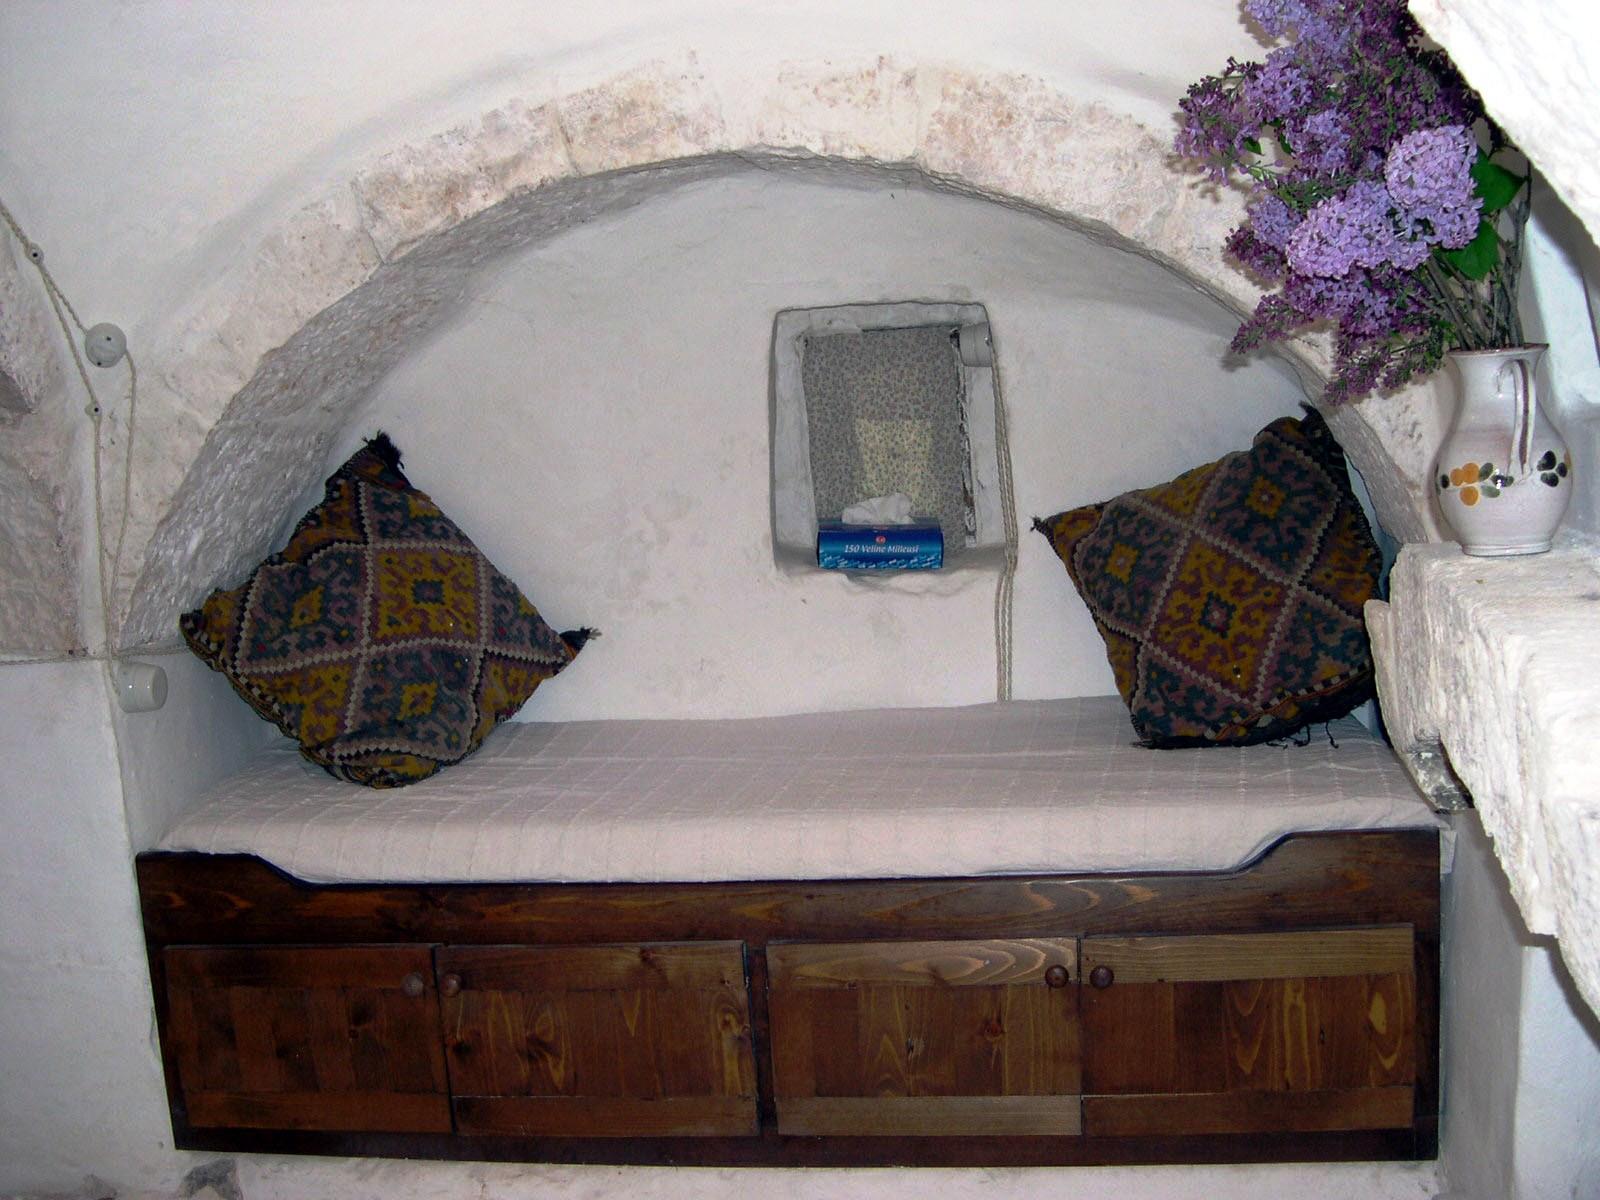 Trullo 'boat' bed